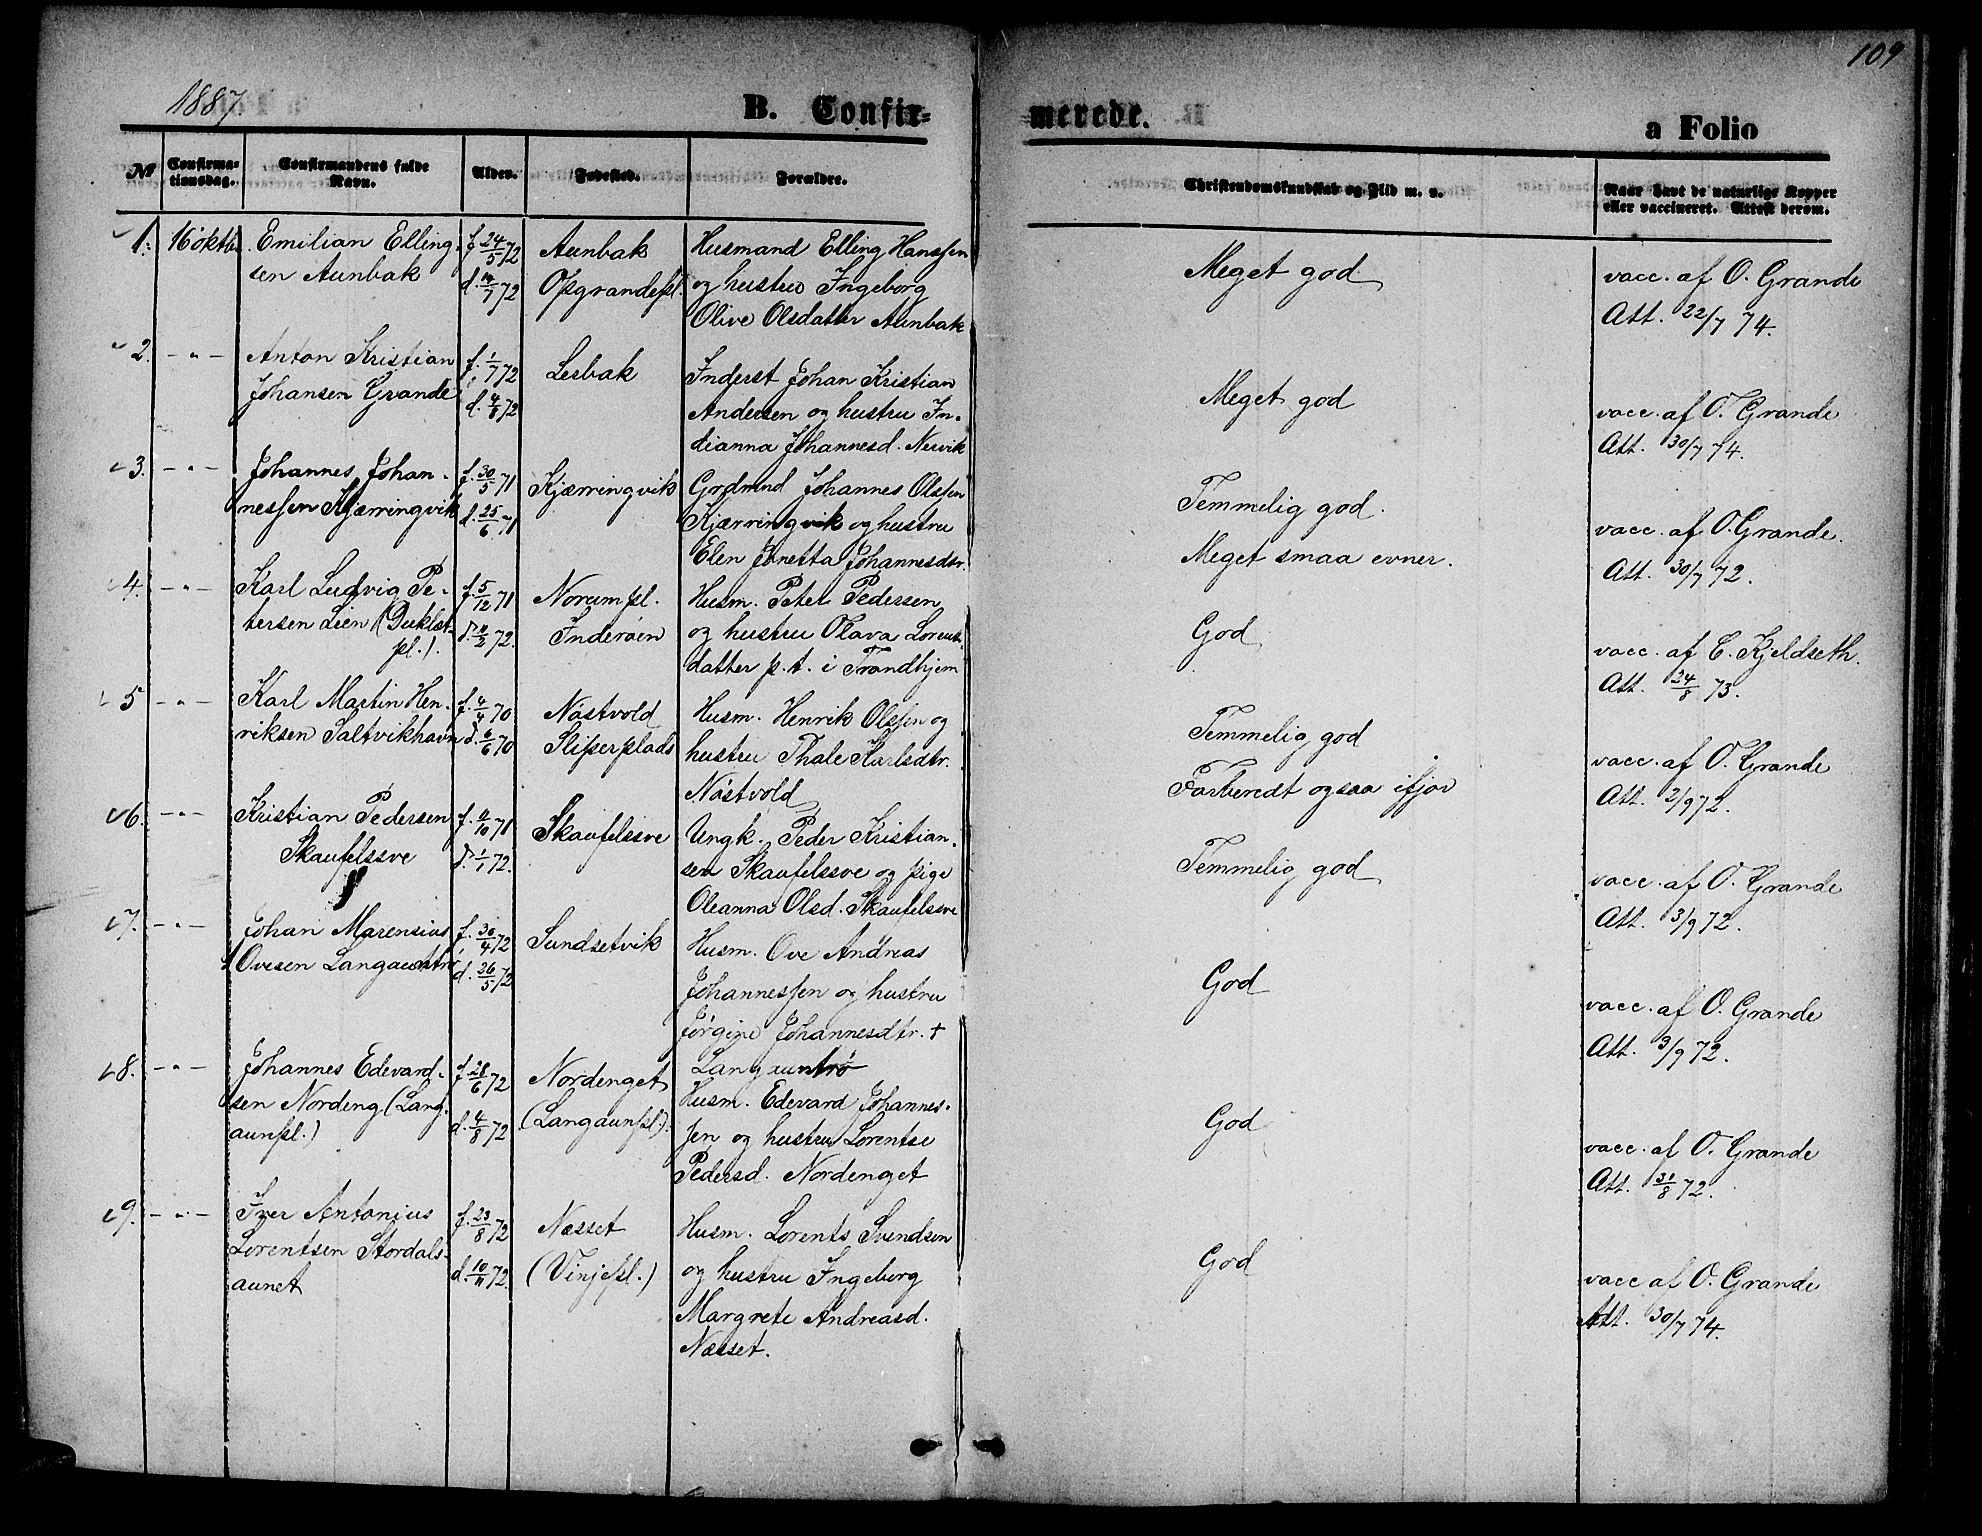 SAT, Ministerialprotokoller, klokkerbøker og fødselsregistre - Nord-Trøndelag, 733/L0326: Klokkerbok nr. 733C01, 1871-1887, s. 109